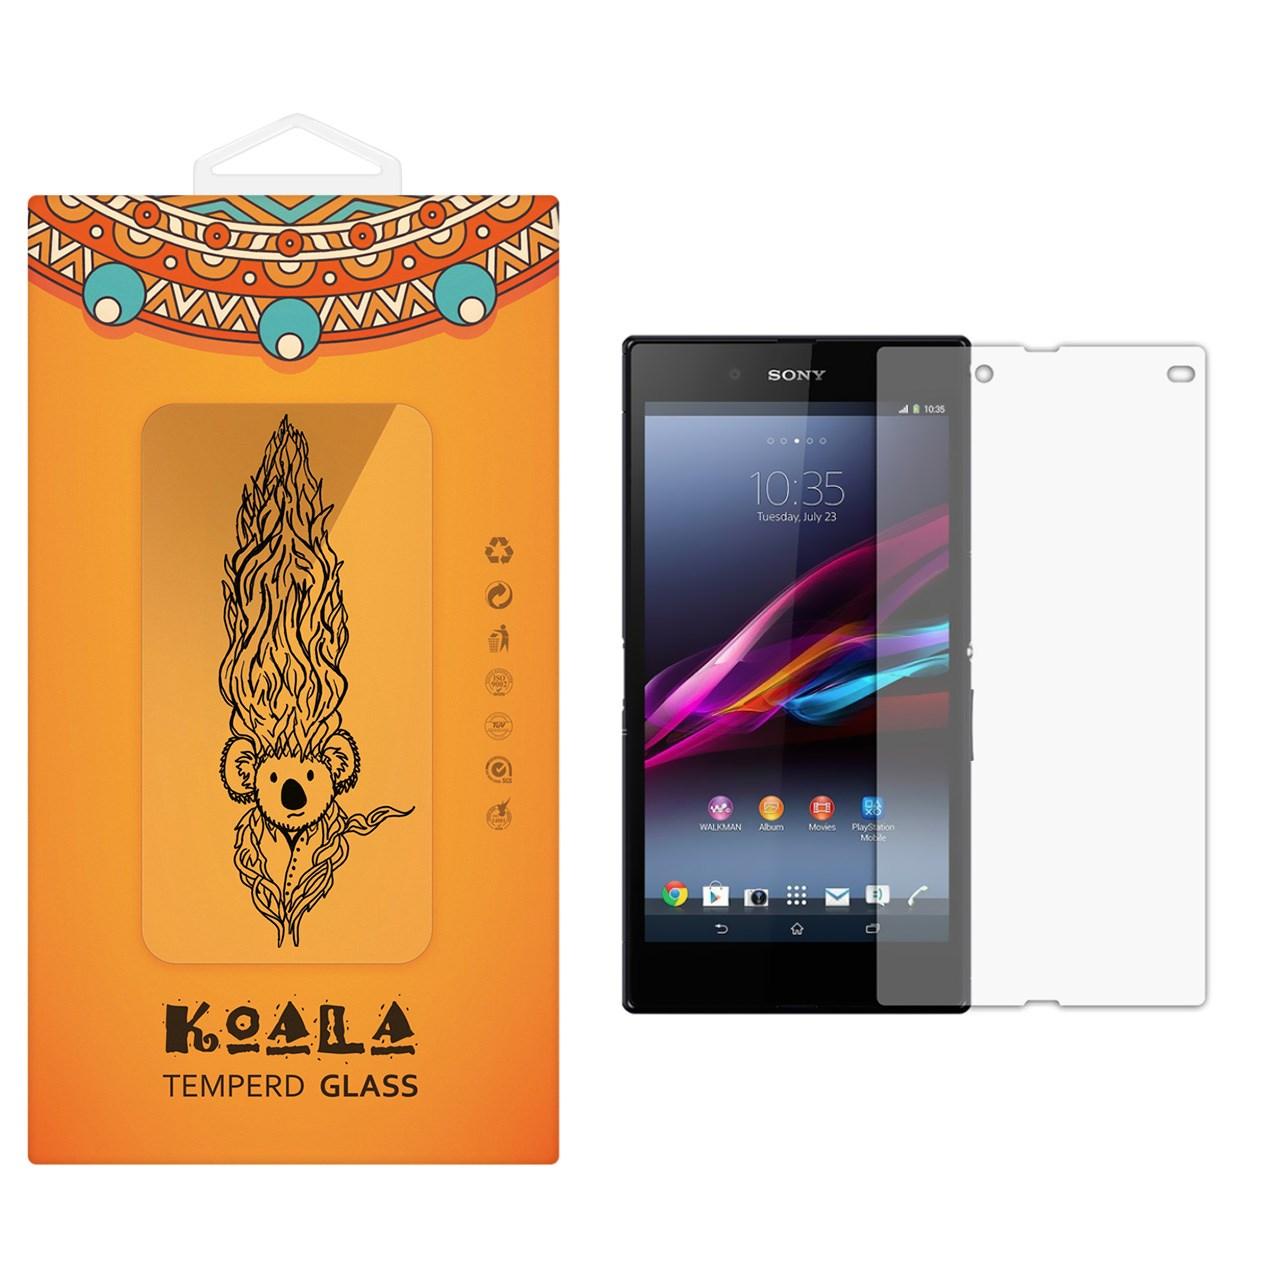 محافظ صفحه نمایش شیشه ای کوالا مدل Tempered مناسب برای گوشی موبایل سونی Xperia Z